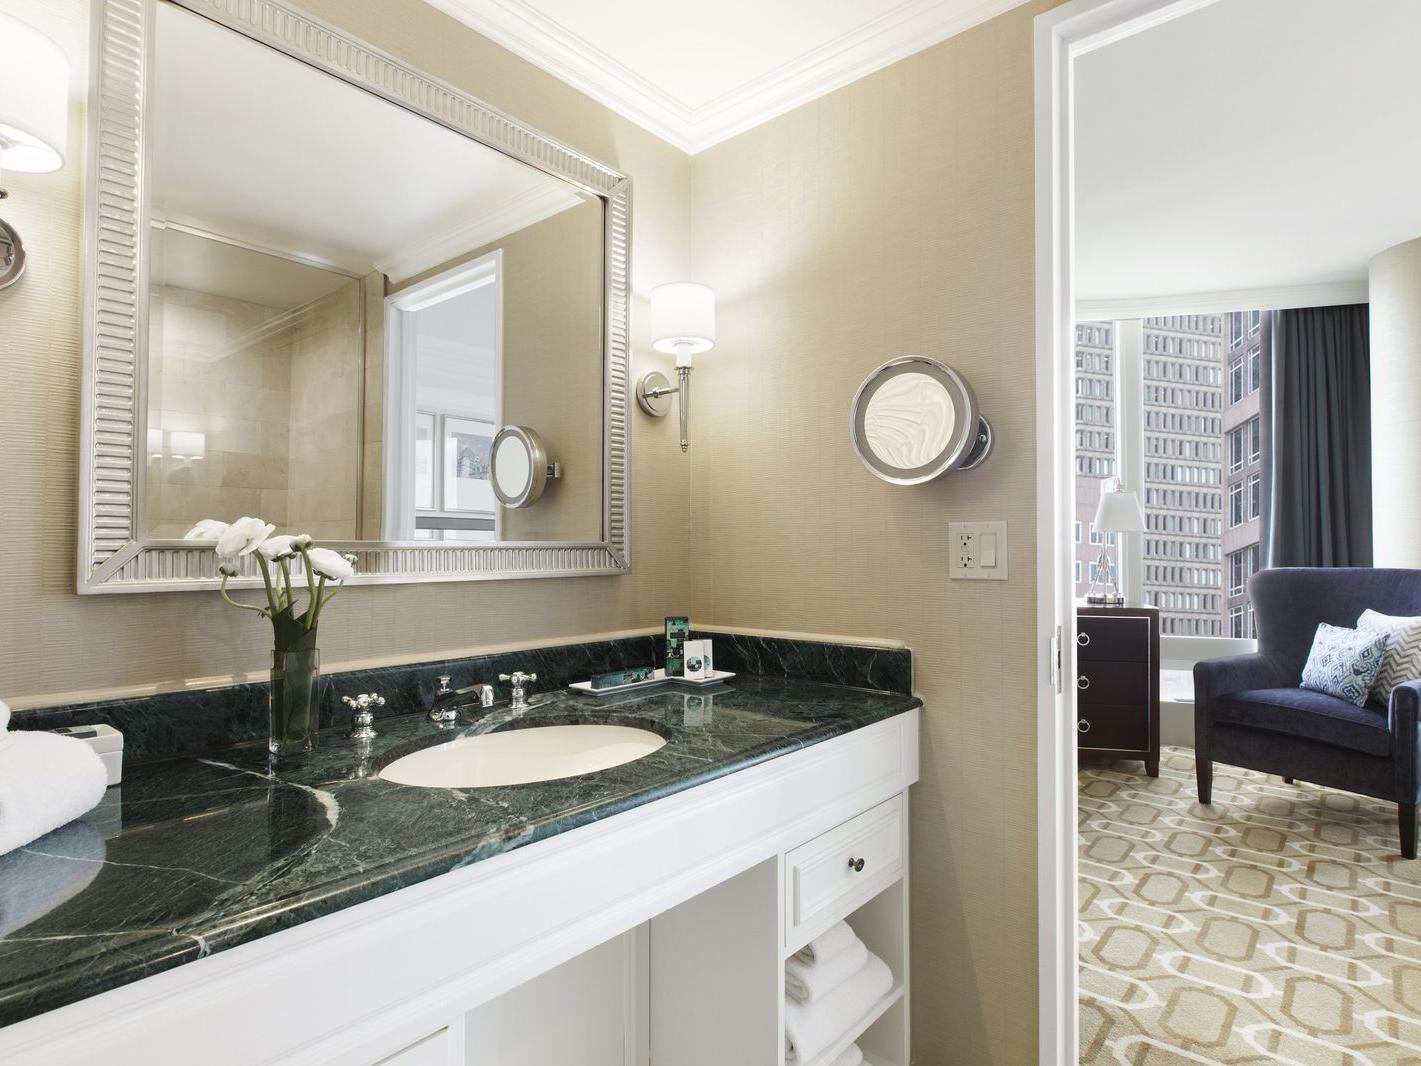 Bathroom vanity with single sink